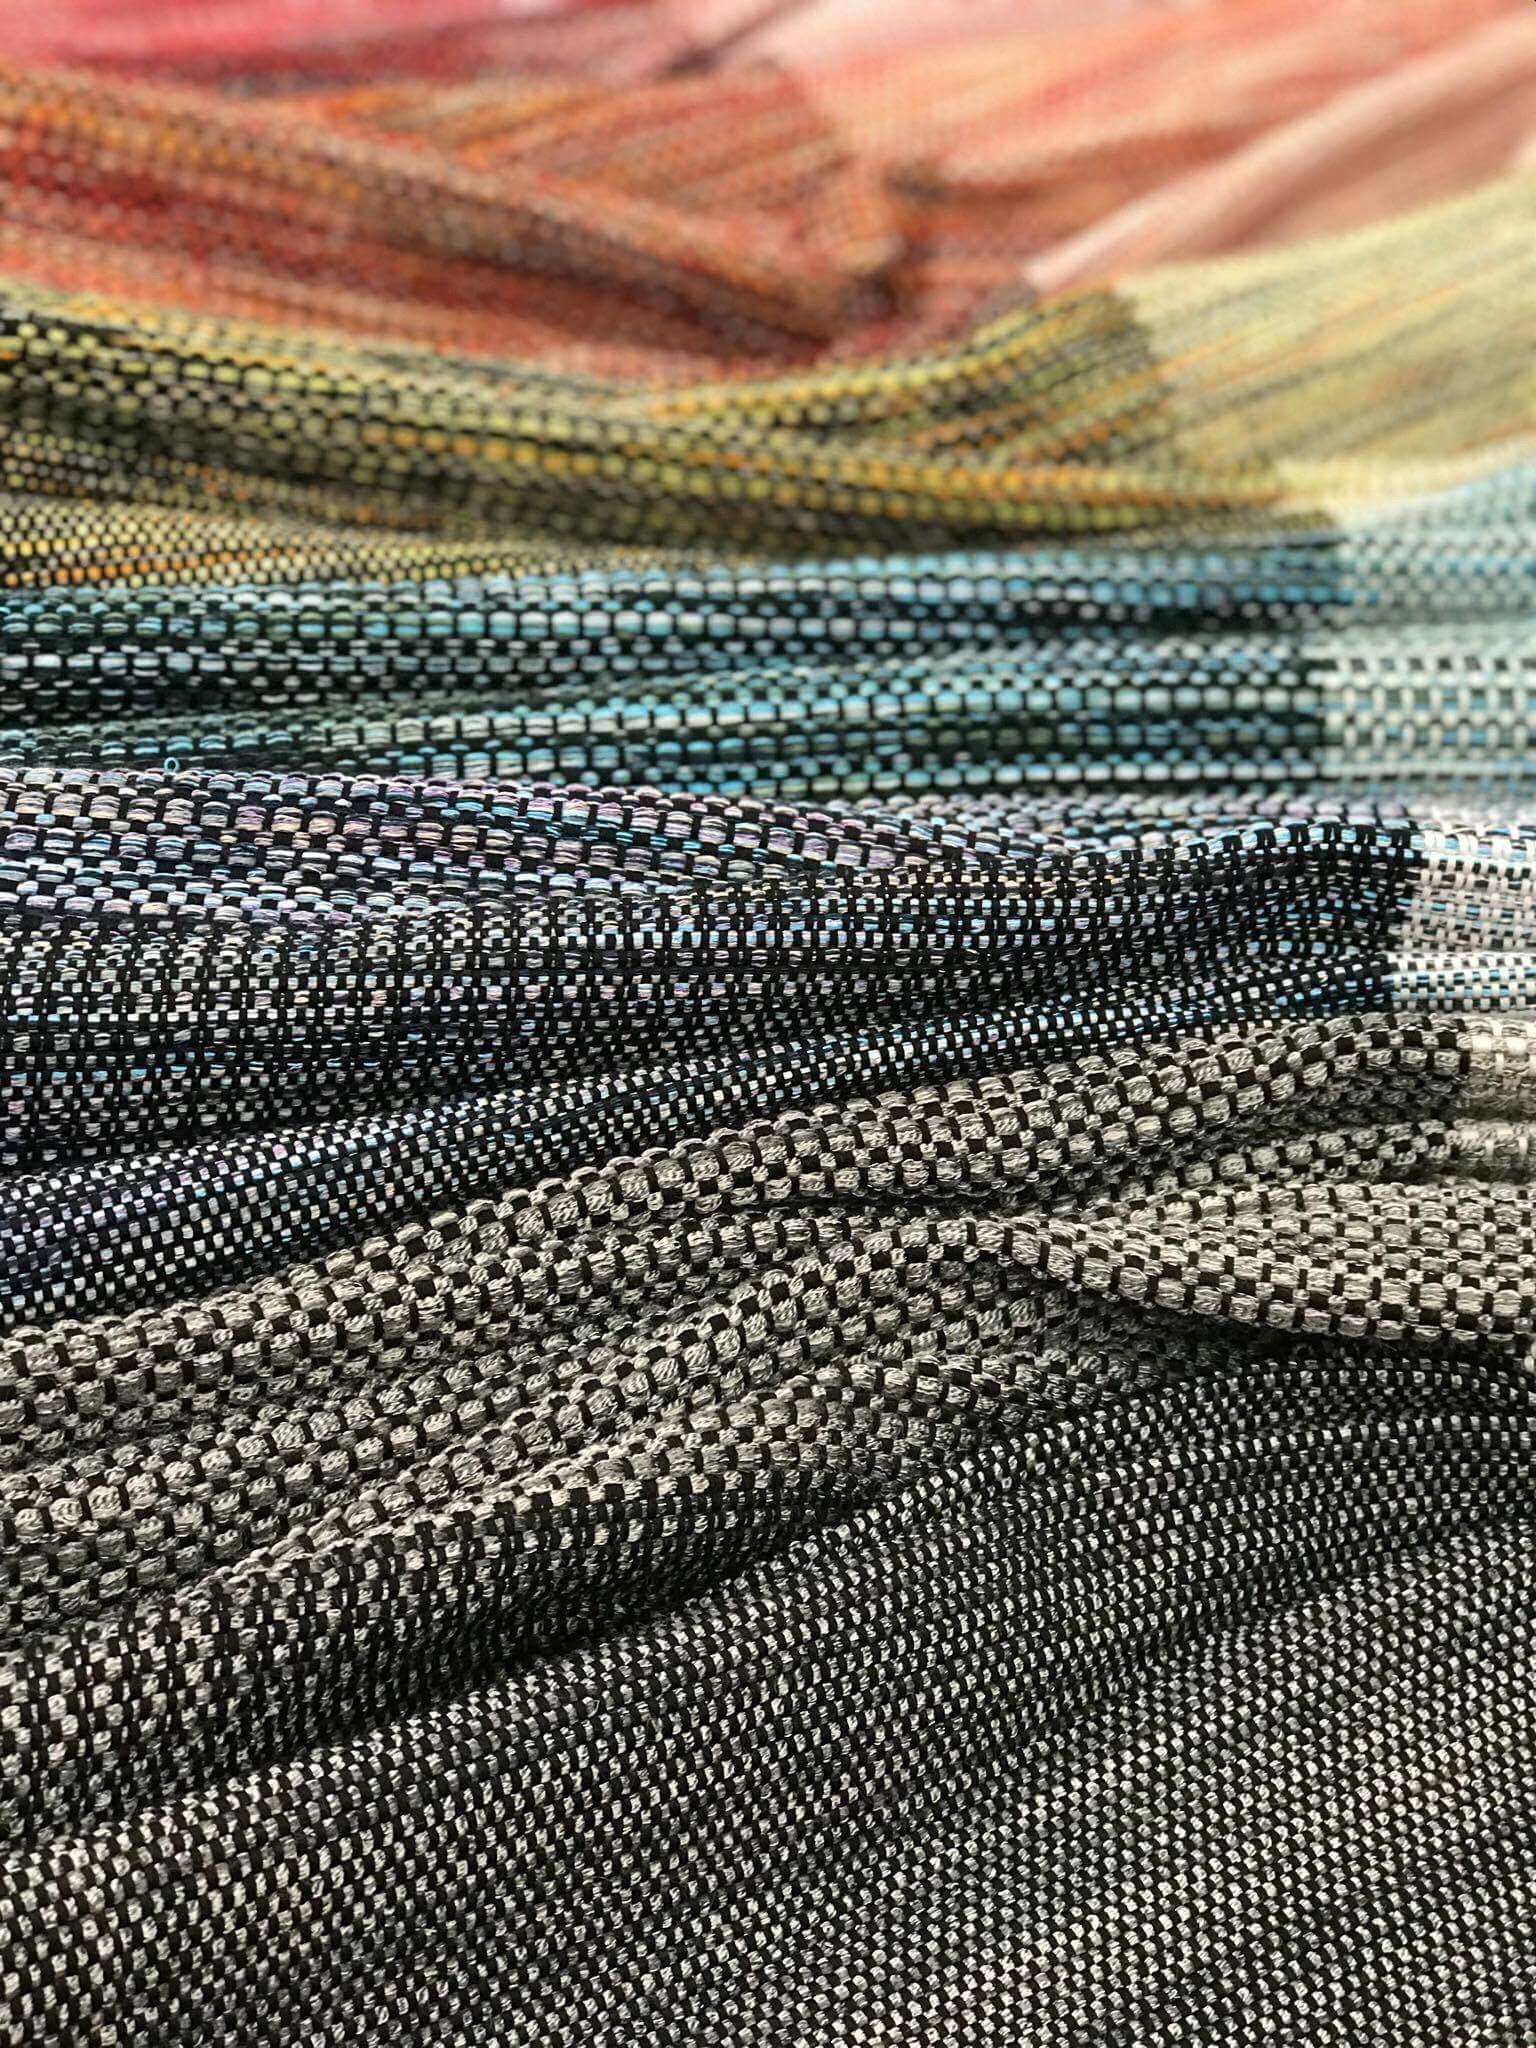 Håndvævet tekstil